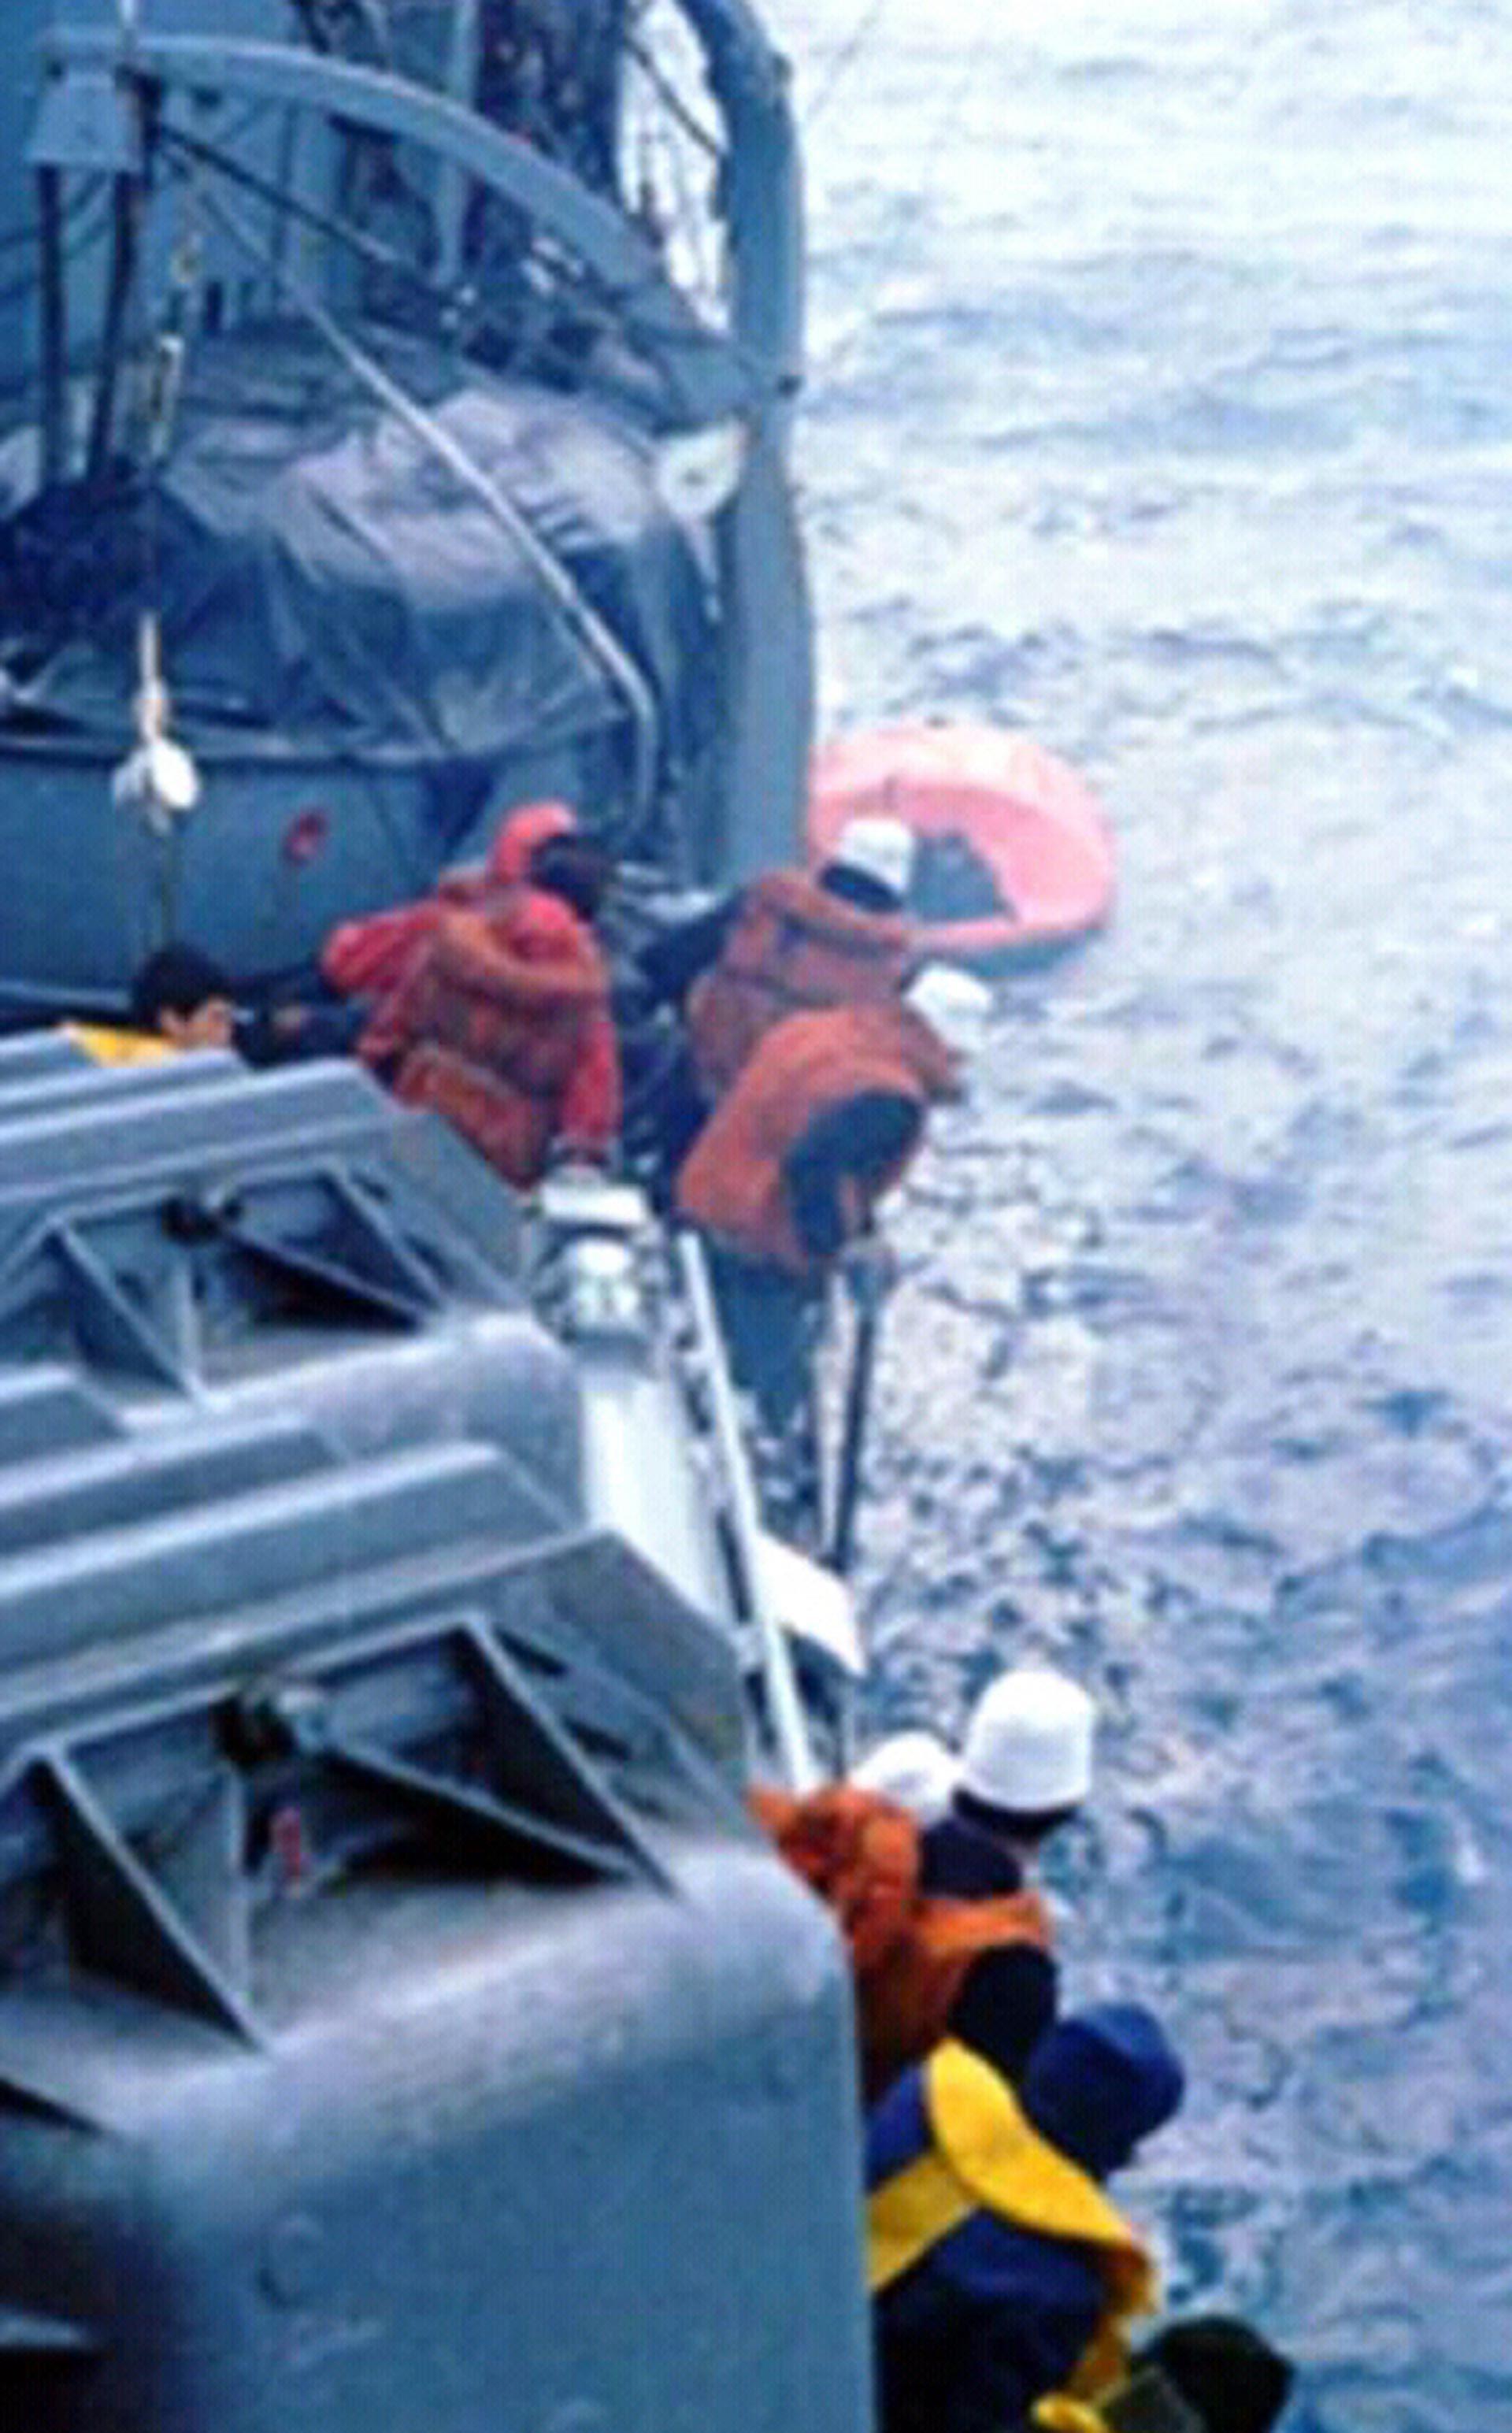 Casi la totalidad de la tripulación del Piedrabuena se encontraba en cubierta tratando de divisar las balsas y asistir en el rescate (Asociación extripulantes ARA Piedrabuena/VGM Luis Lamantia)